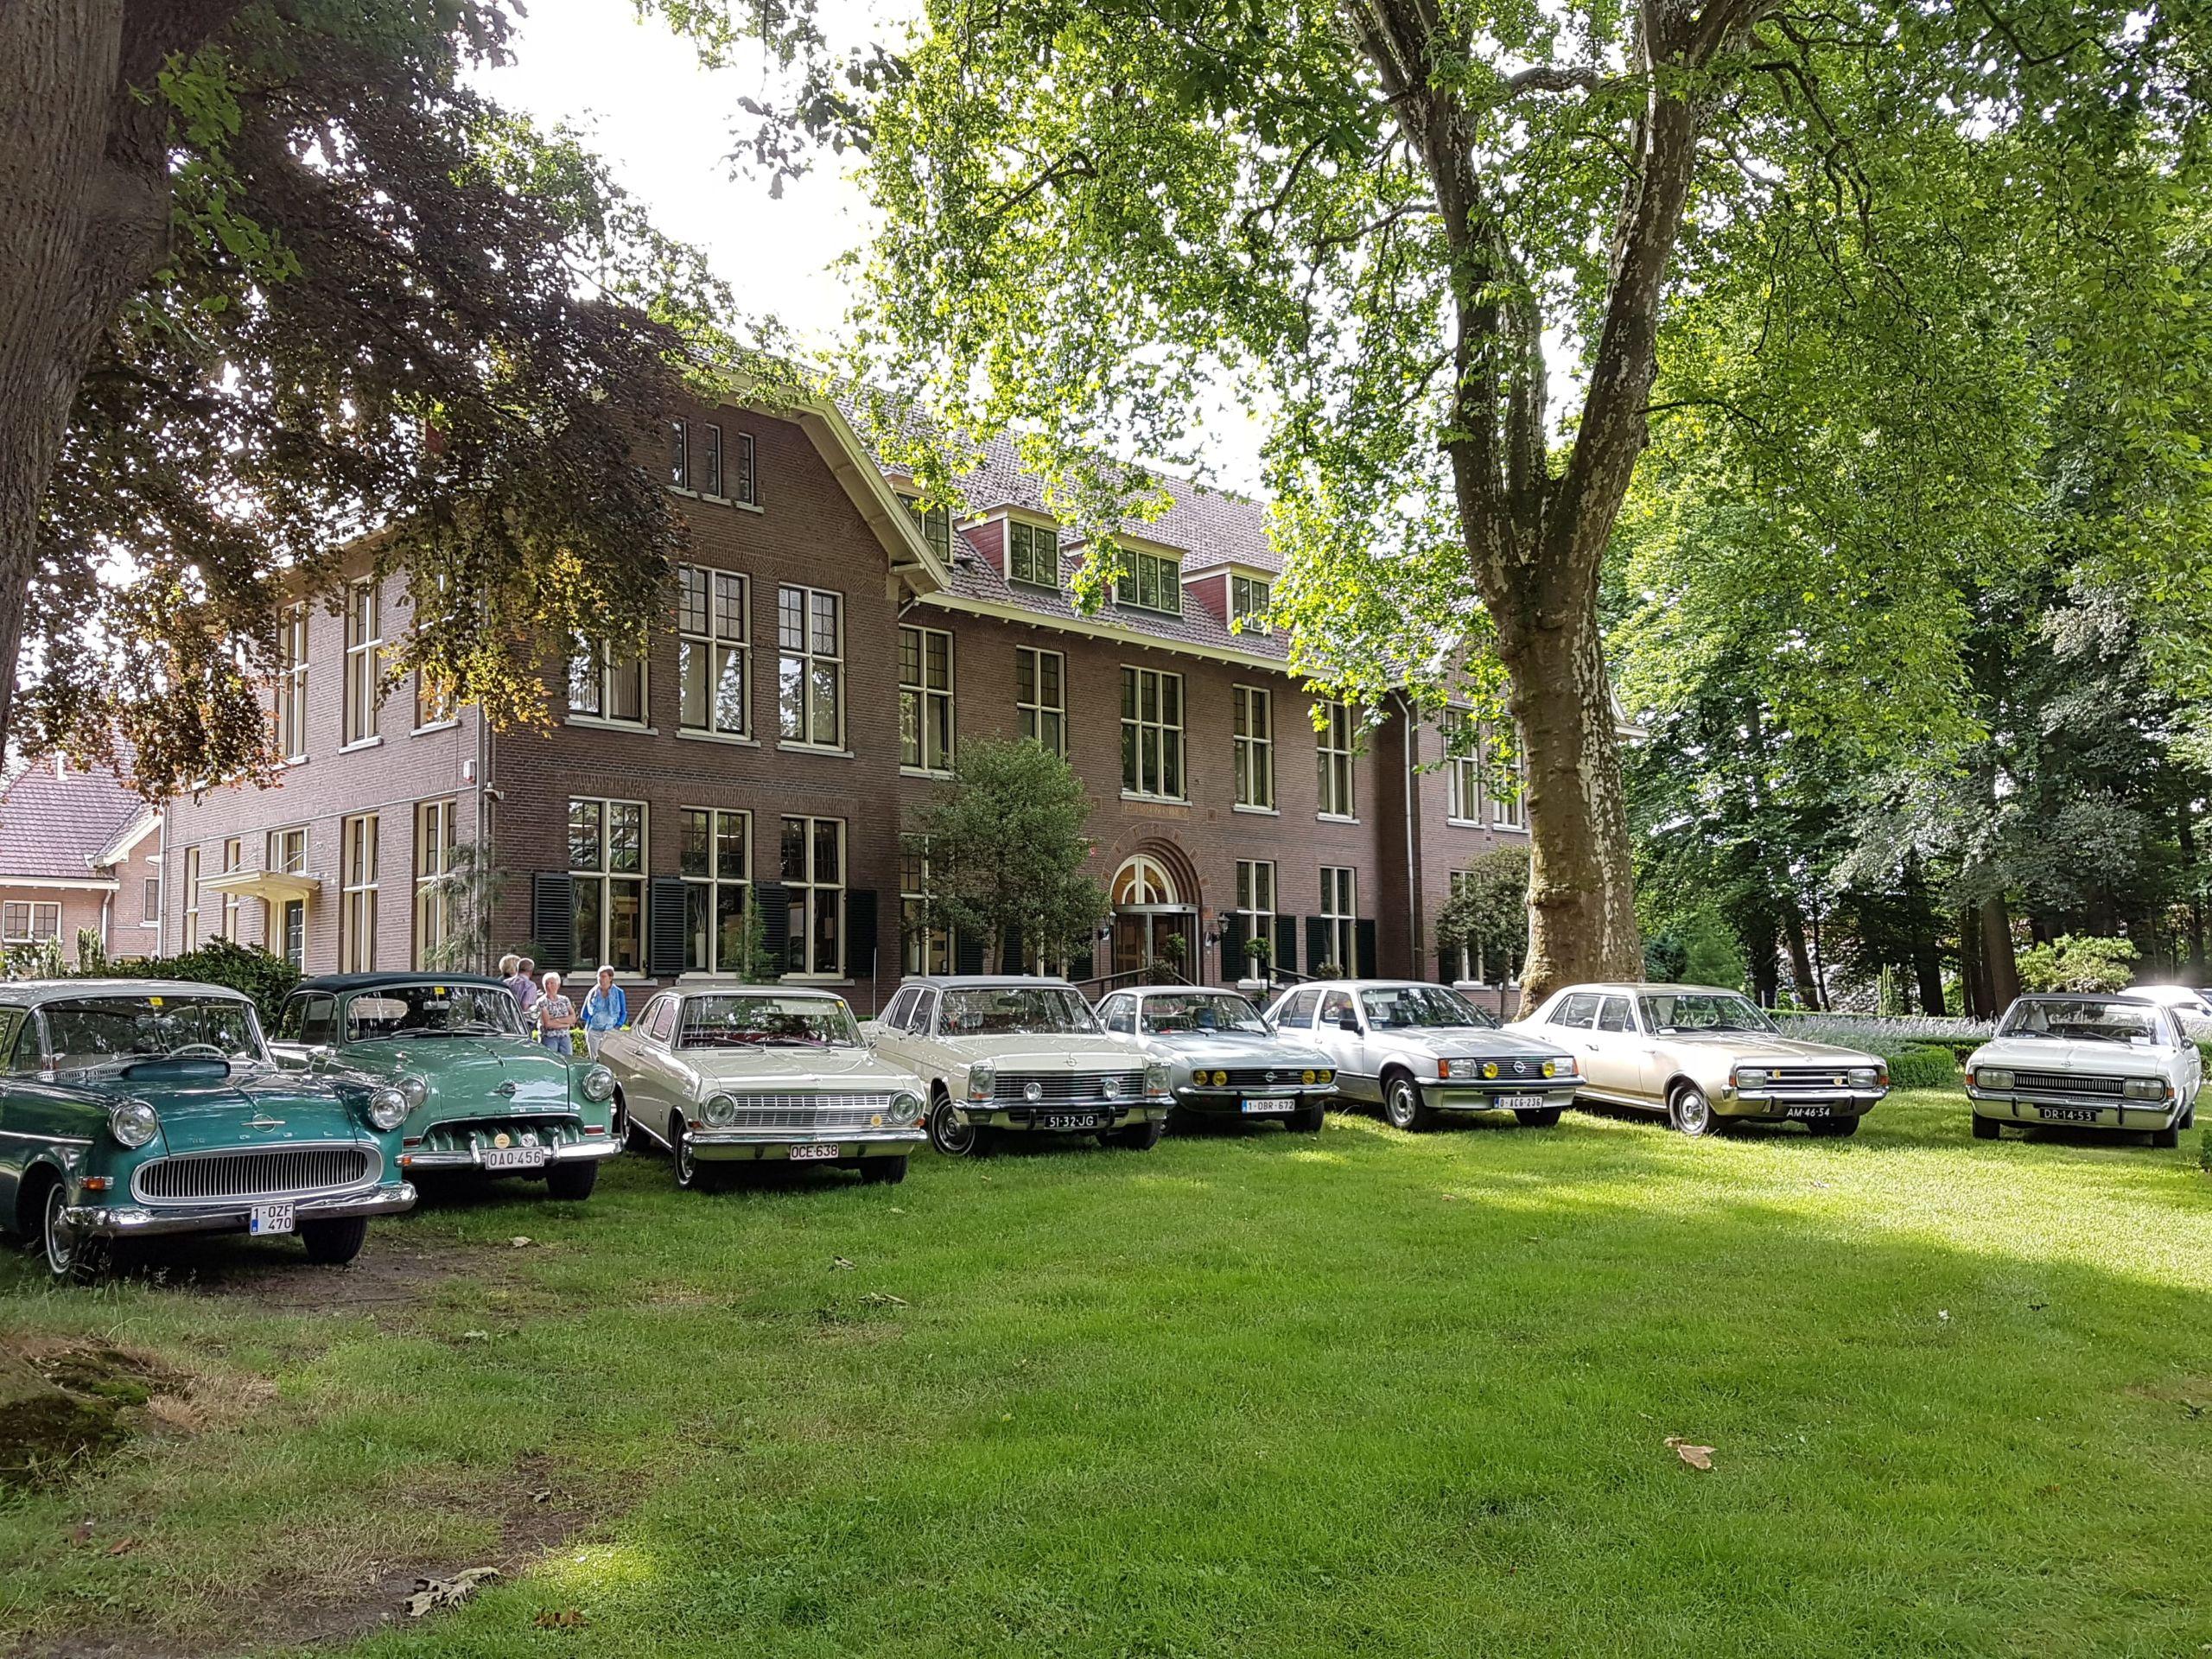 Opel Veterans Club bij Hotel Landgoed Ehzerwold in Almen